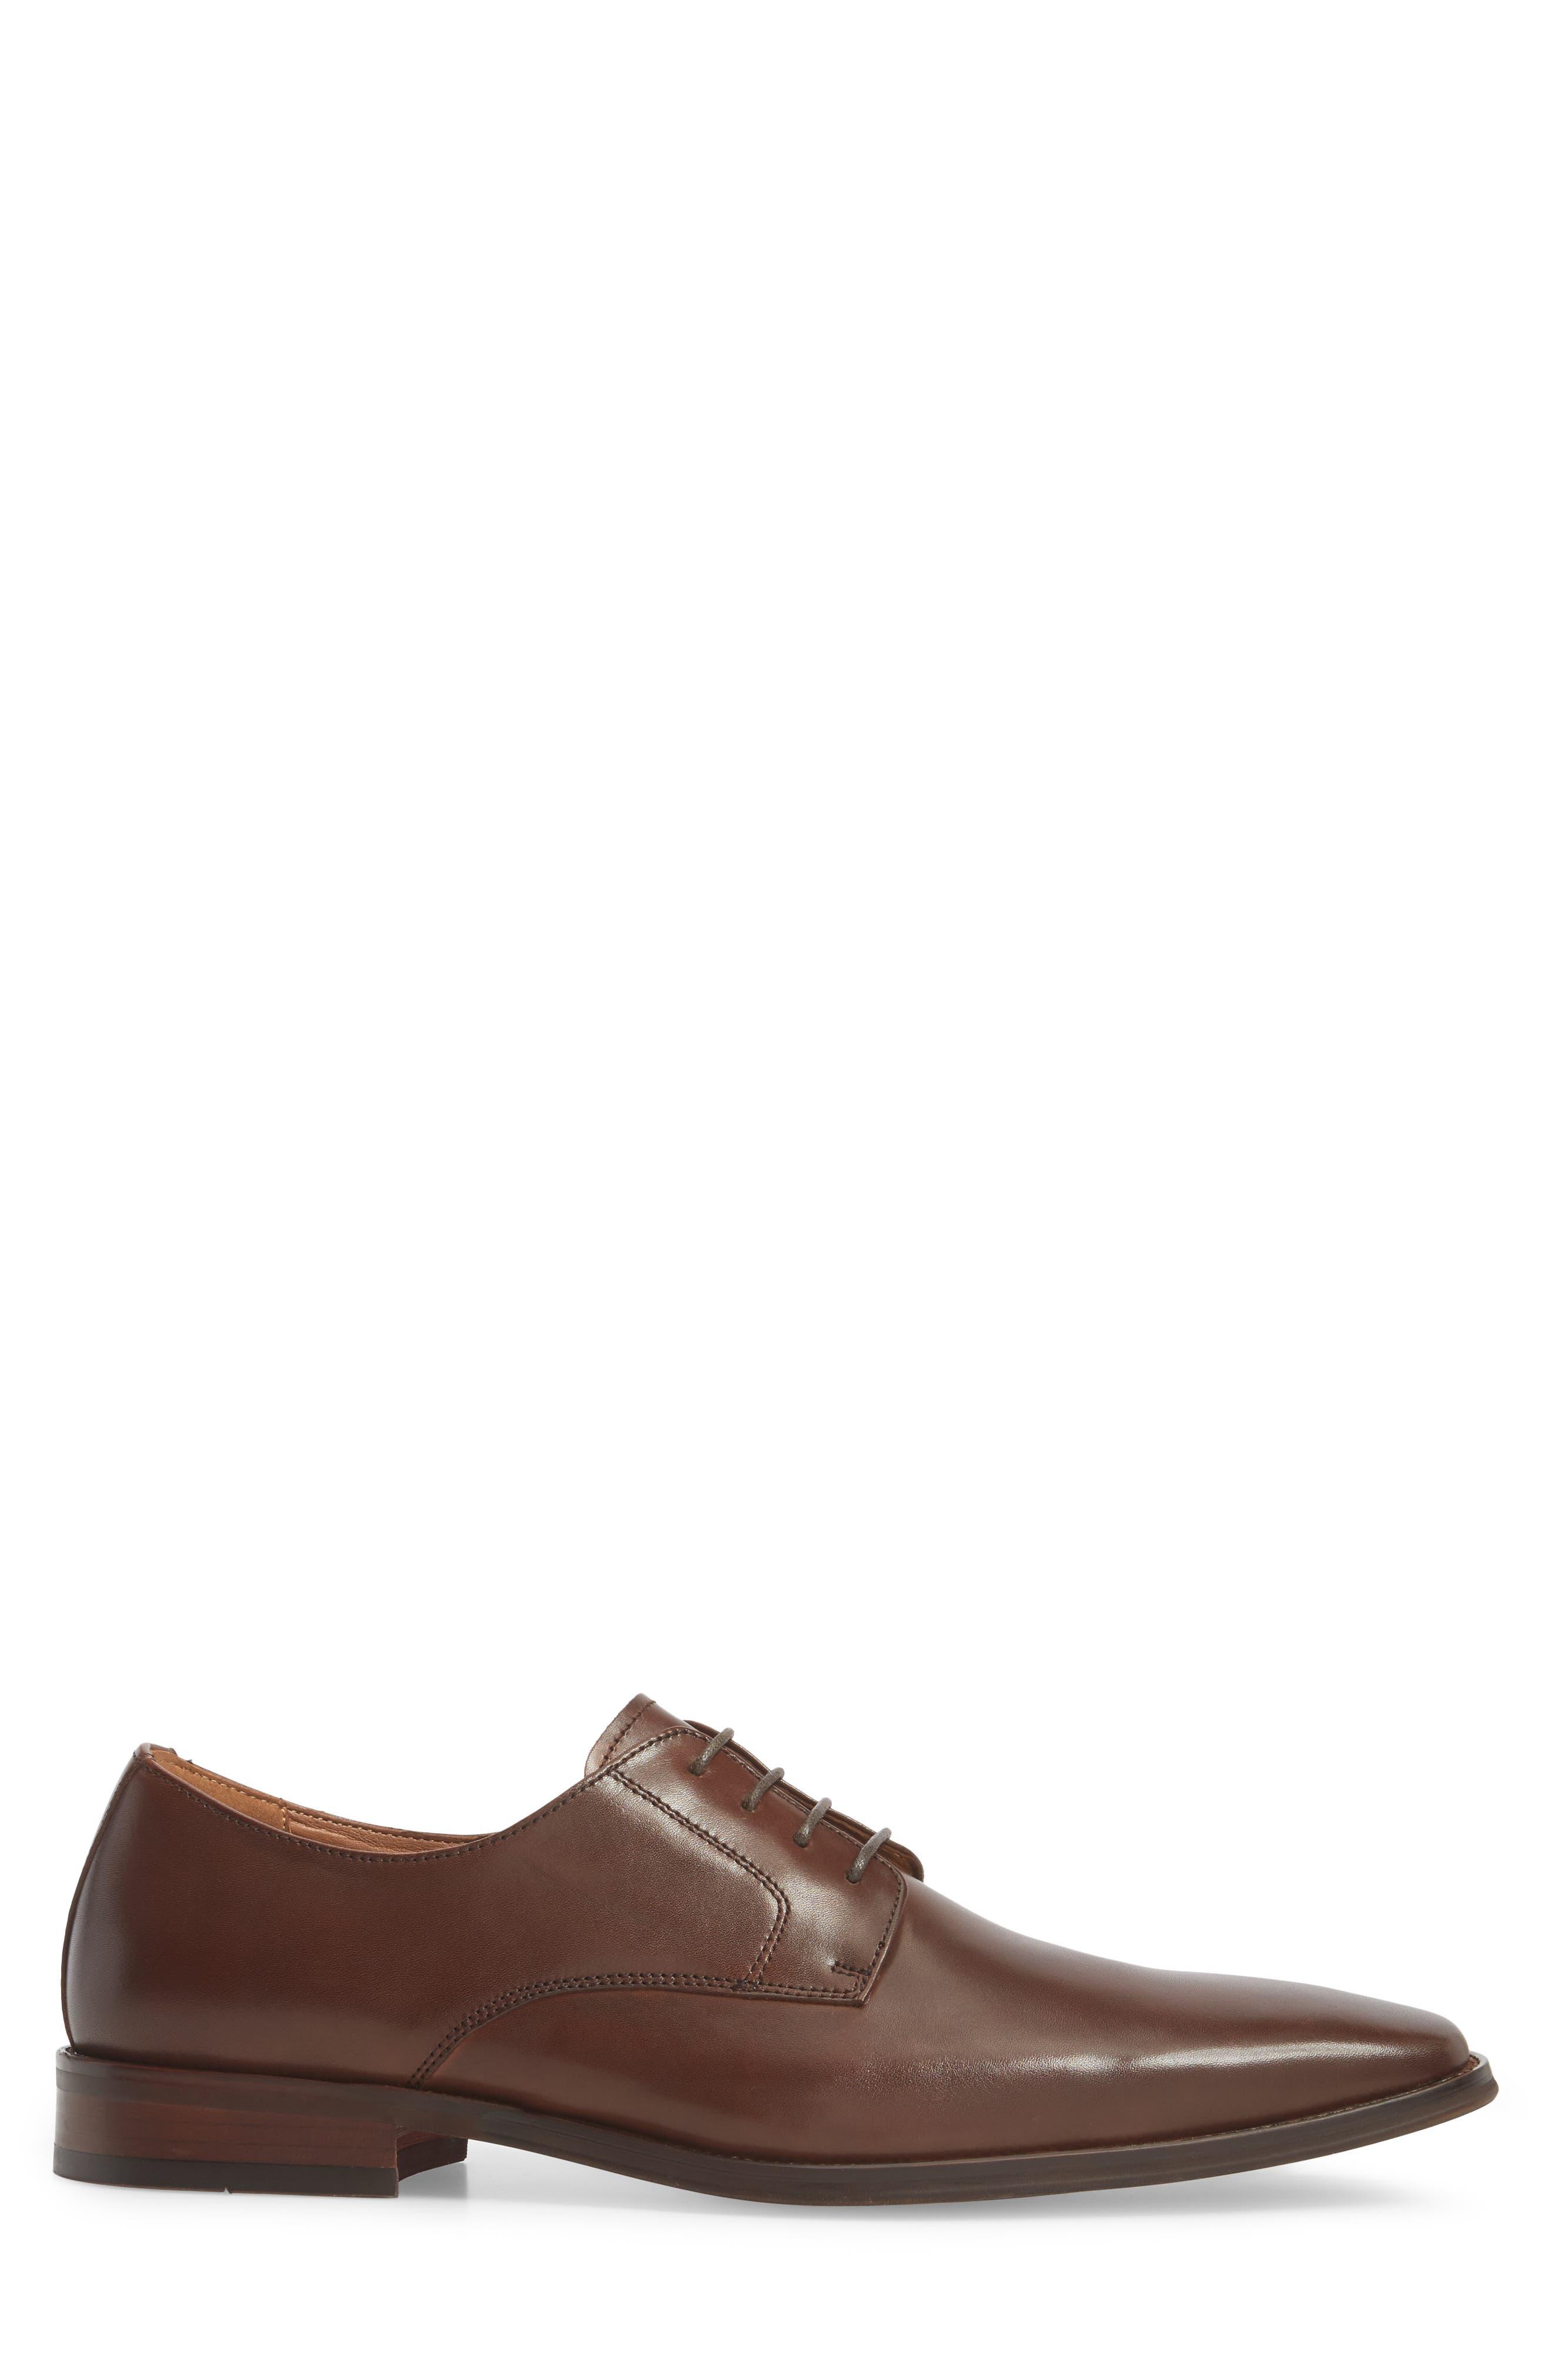 Phoenix Plain Toe Derby,                             Alternate thumbnail 3, color,                             Tan Leather